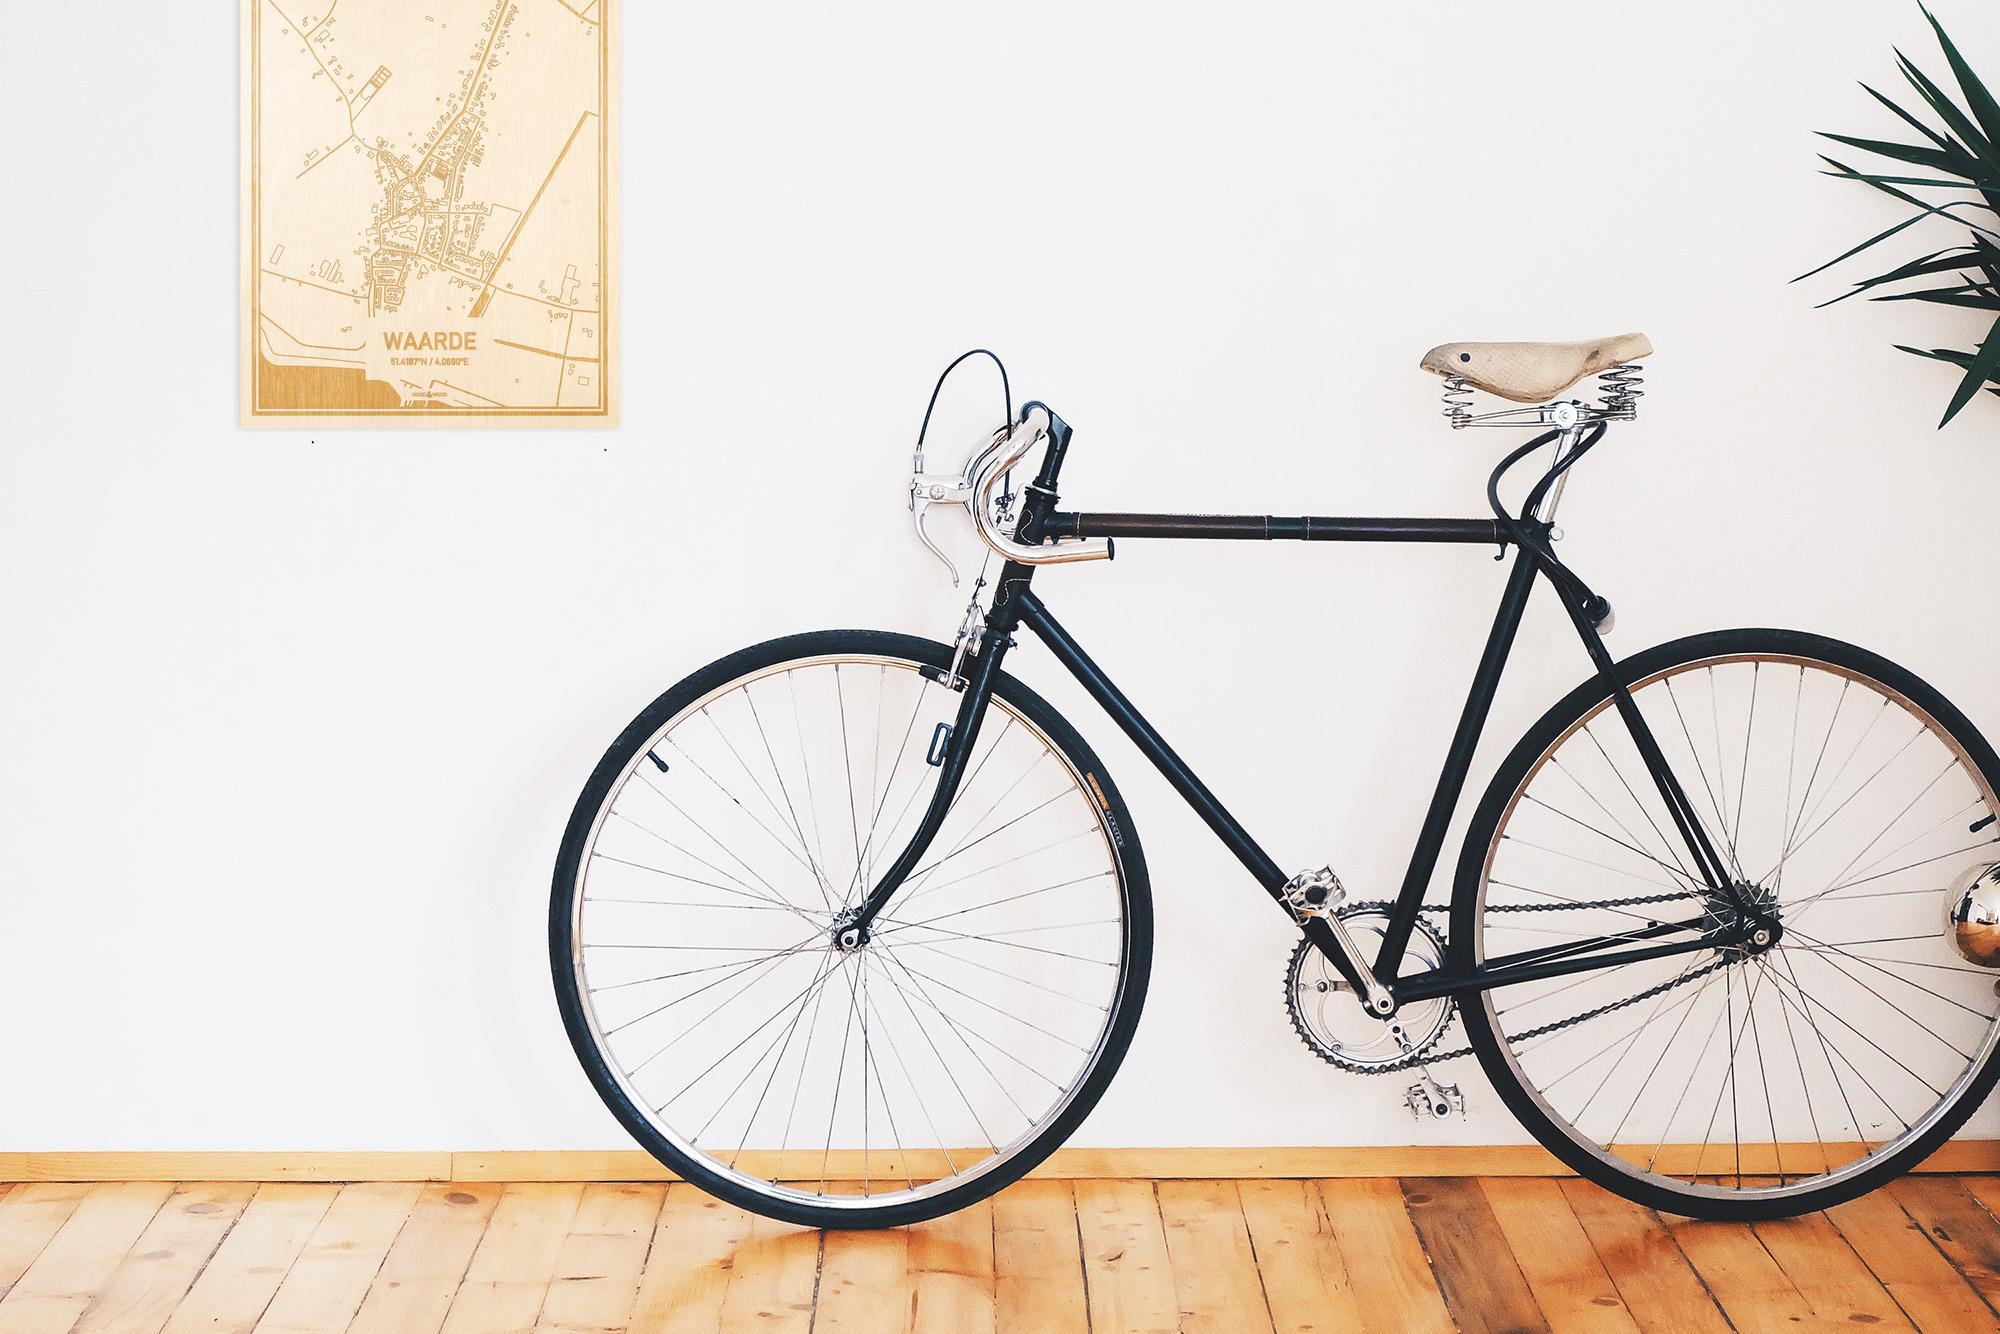 Een snelle fiets in een uniek interieur in Zeeland met mooie decoratie zoals de plattegrond Waarde.